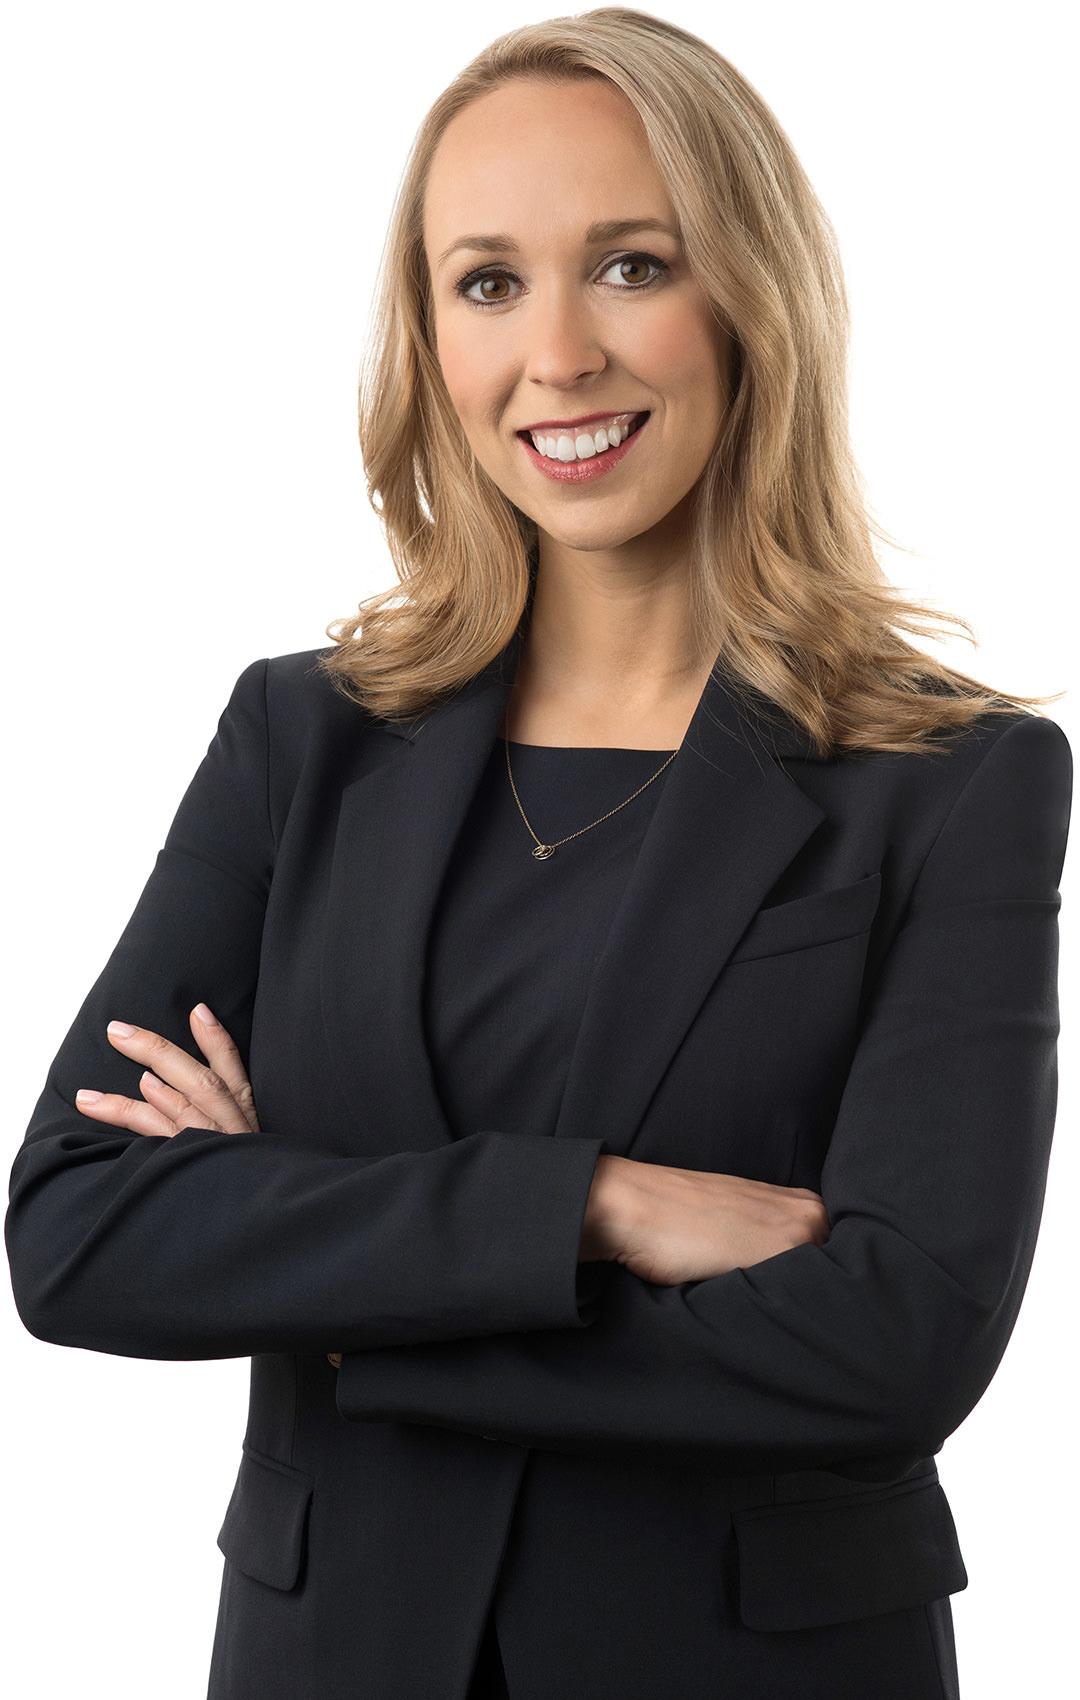 Elizabeth K. Hinson